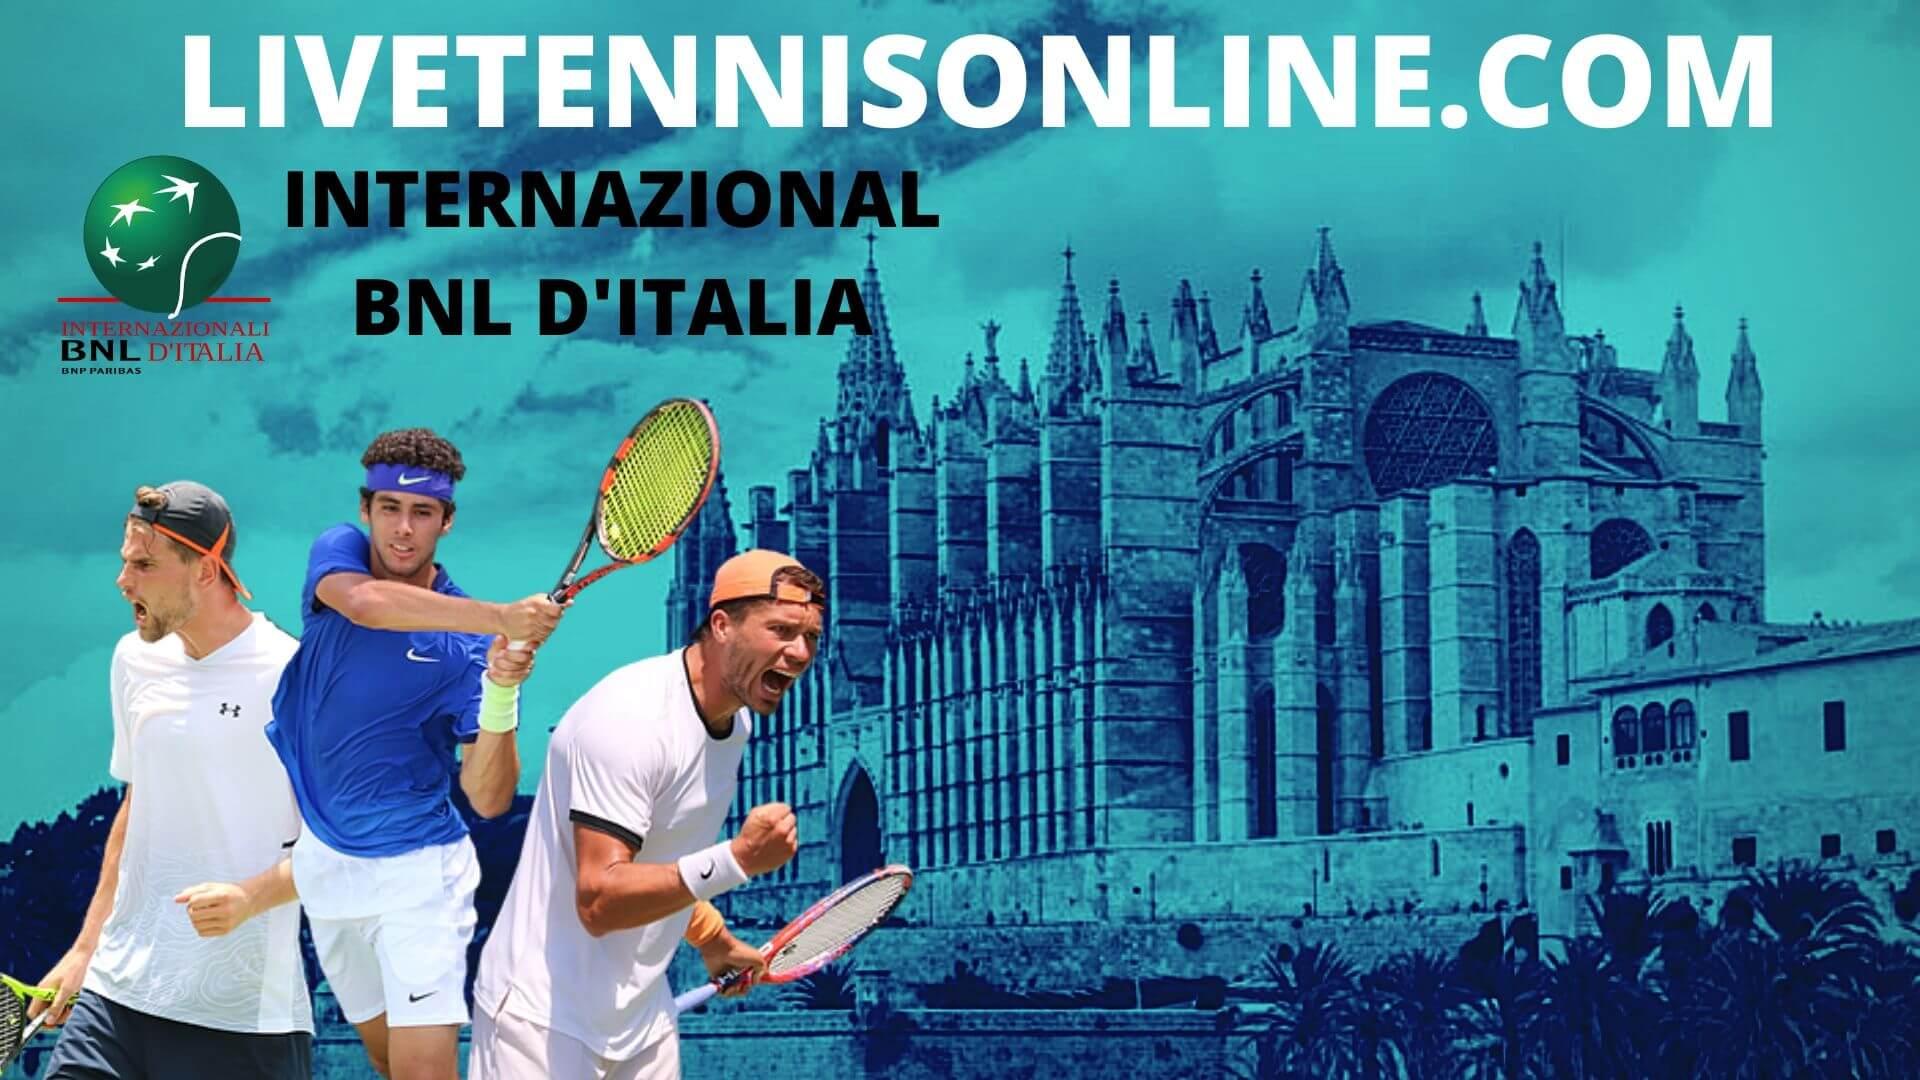 Internazionali BNL d Italia Live Stream 2020 | Day 3